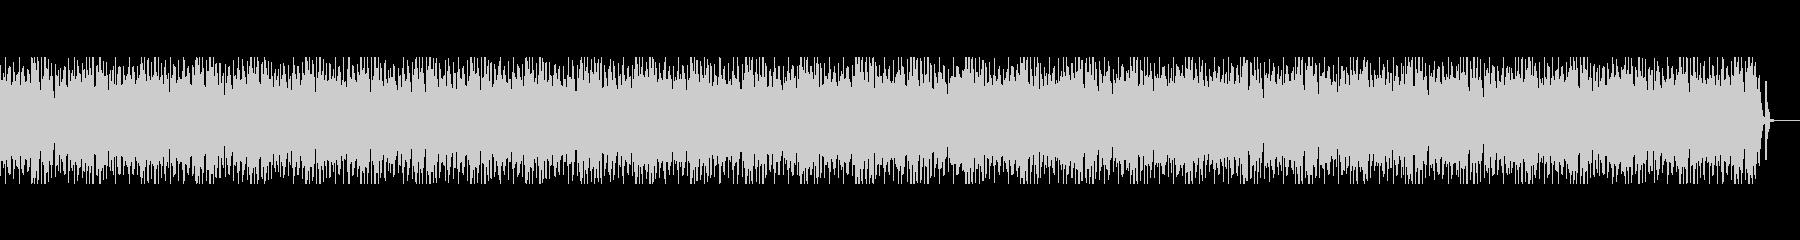 ほのぼのカントリー風ブルース、ドラムレスの未再生の波形